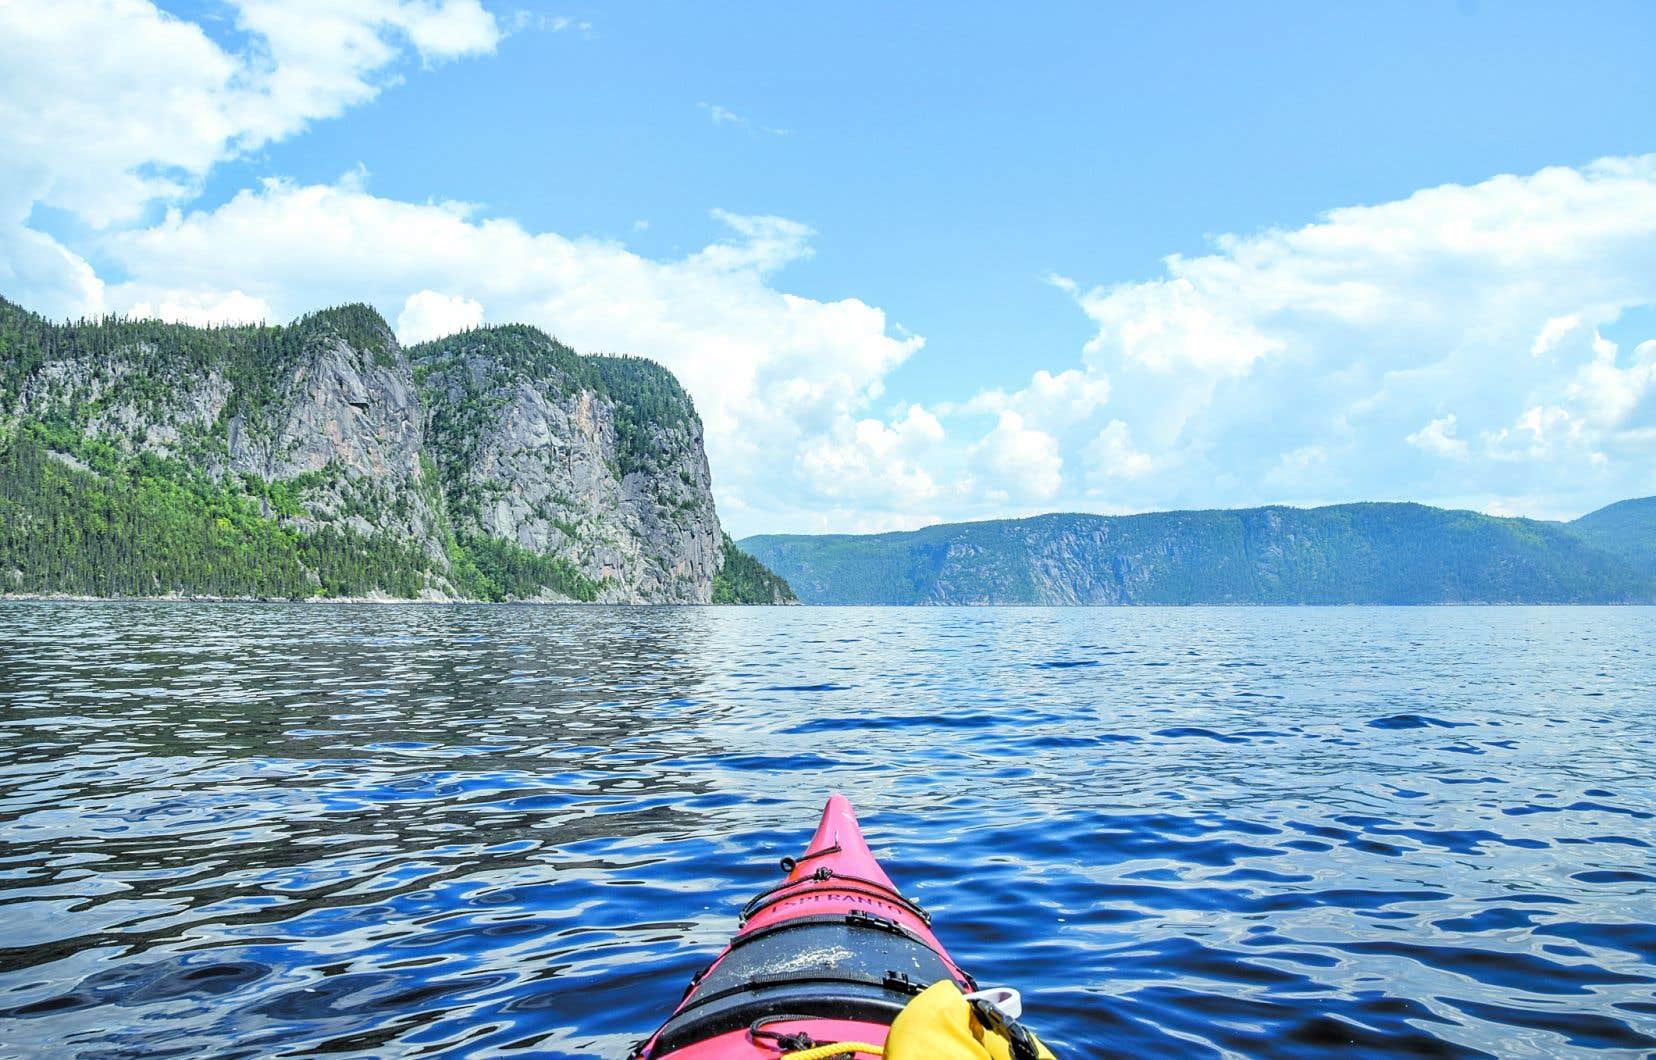 Pour vraiment «vivre» le fjord, il faut absolument voguer entre ses falaises de 300 mètres et le kayak de mer reste sans doute le meilleur moyen de se fondre dans l'environnement.